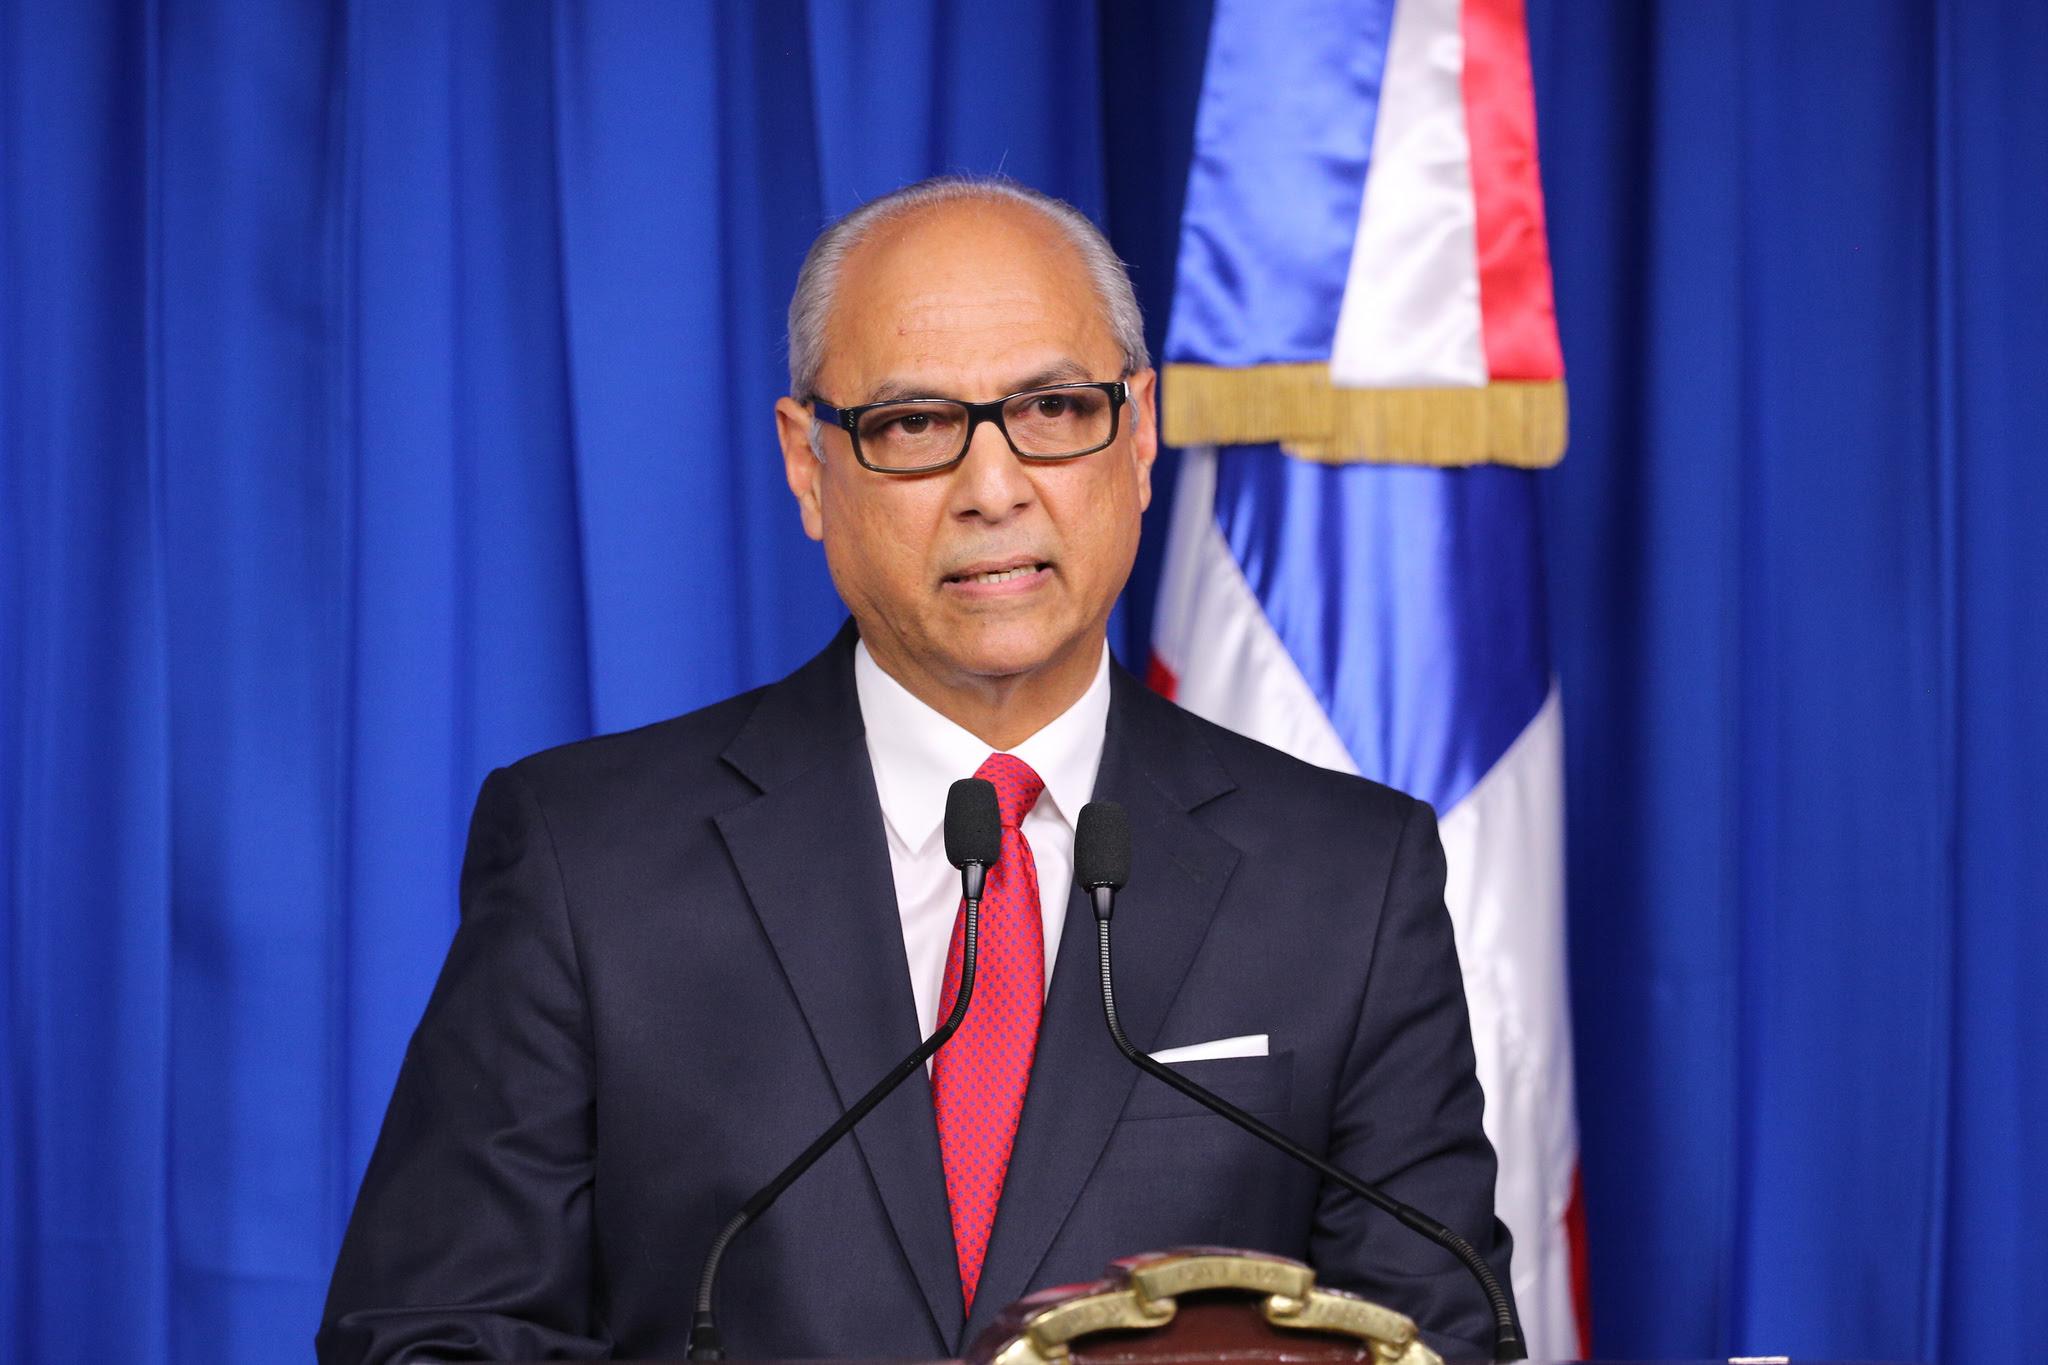 , República Dominicana establece relaciones diplomáticas con República Popular China para beneficio de ambos pueblos